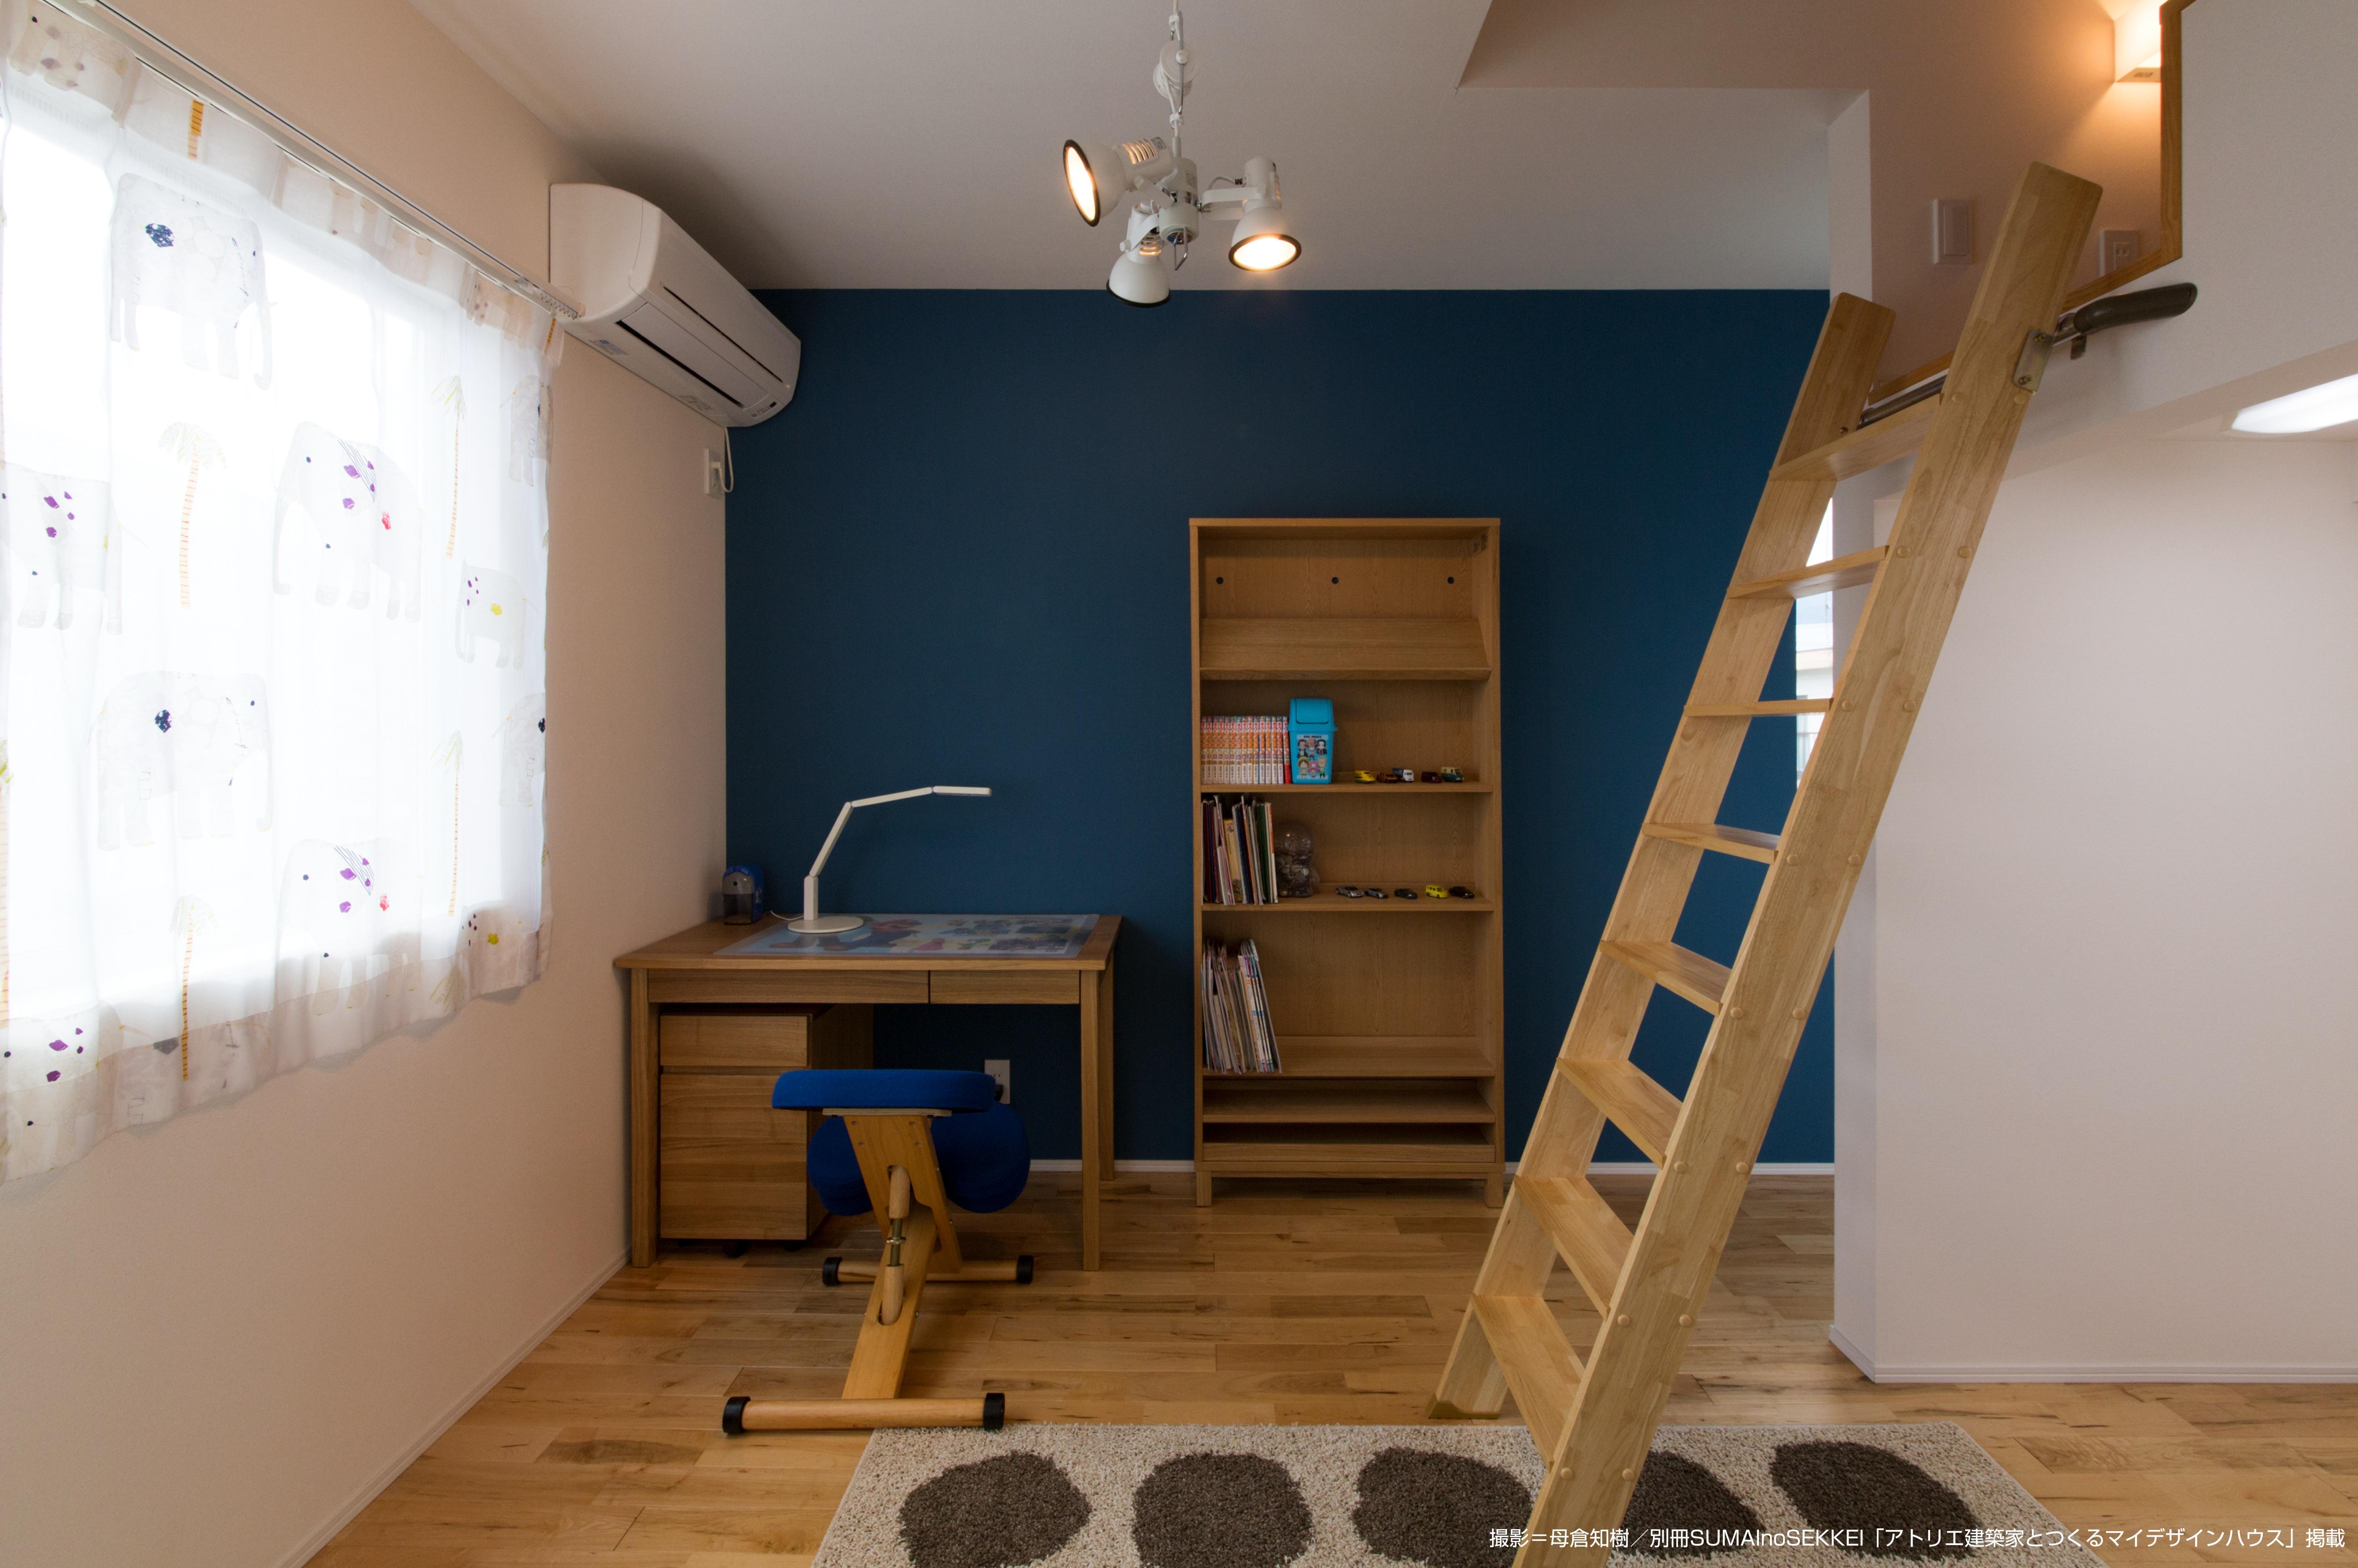 1S10_子供部屋